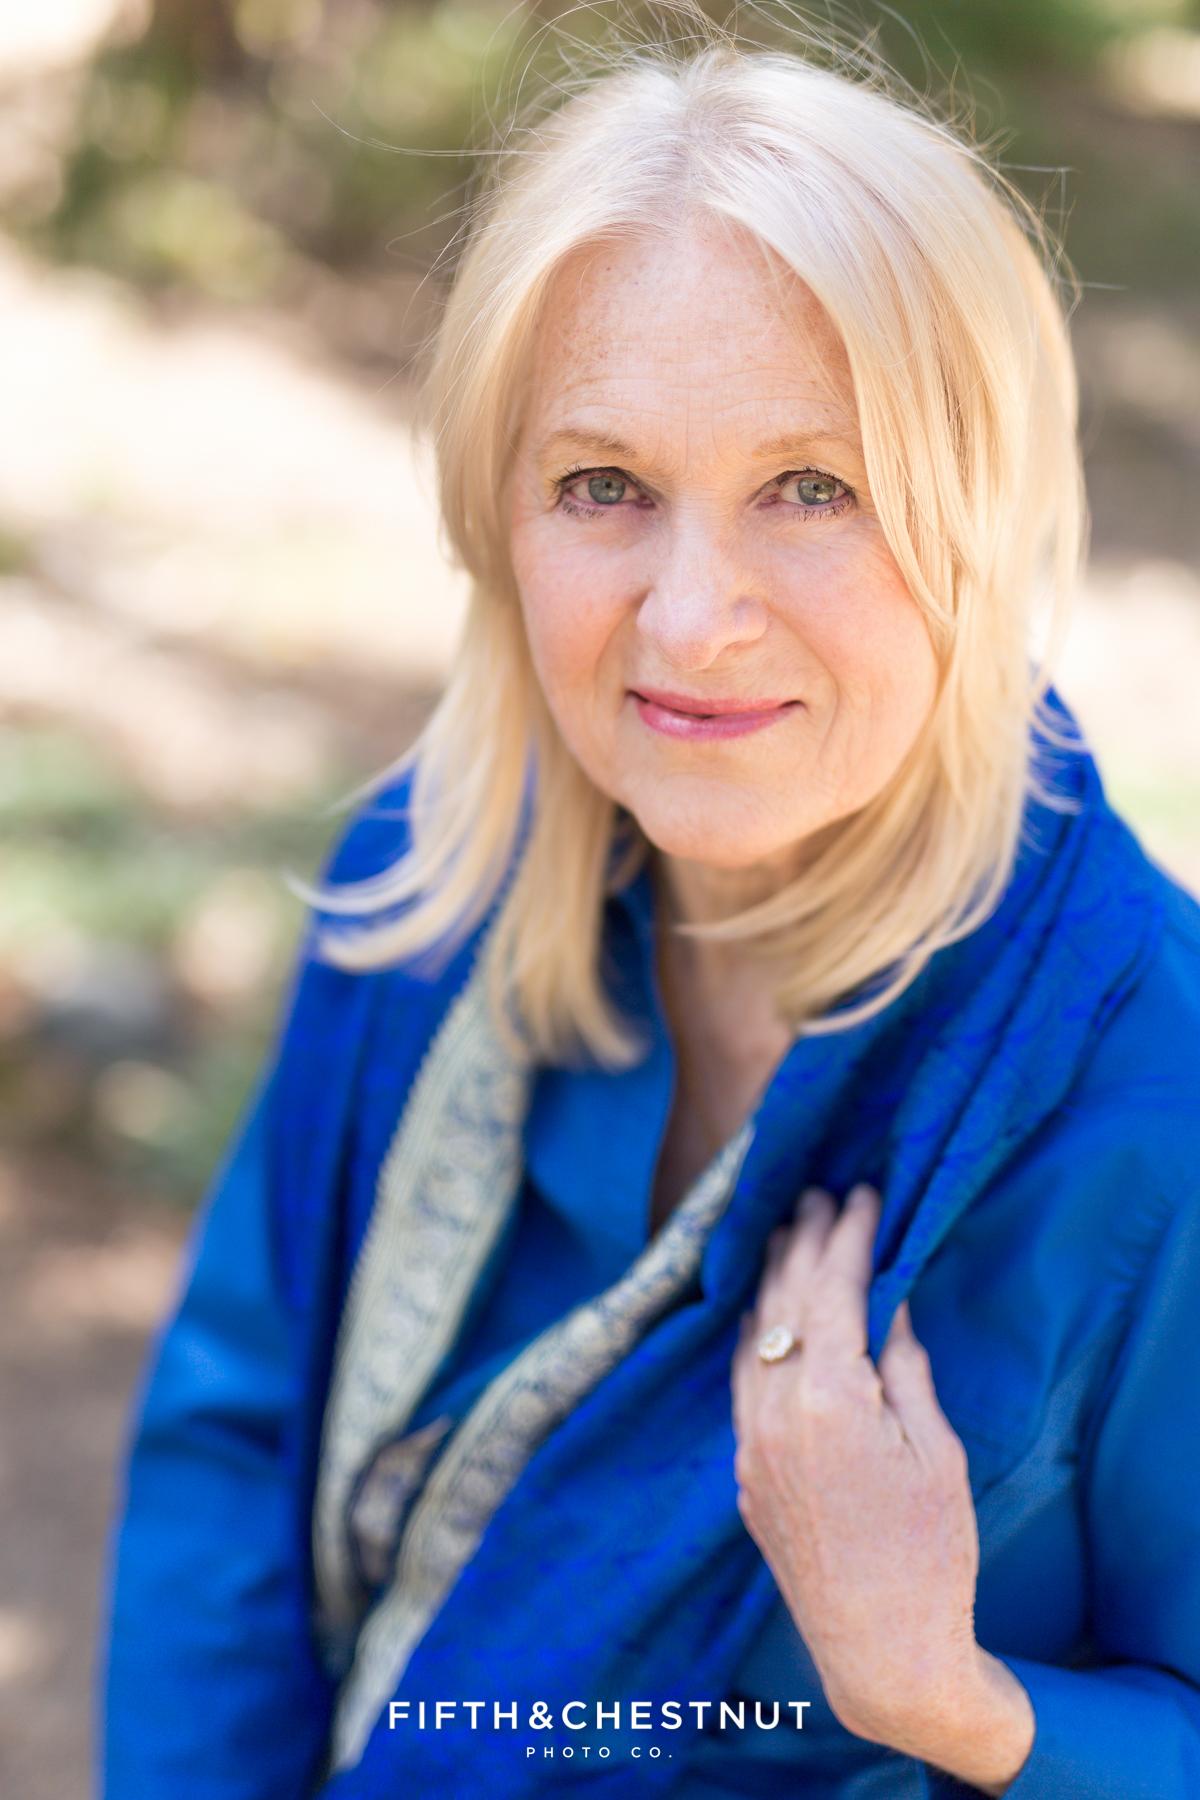 Portrait of published author by Reno Headshot photographer